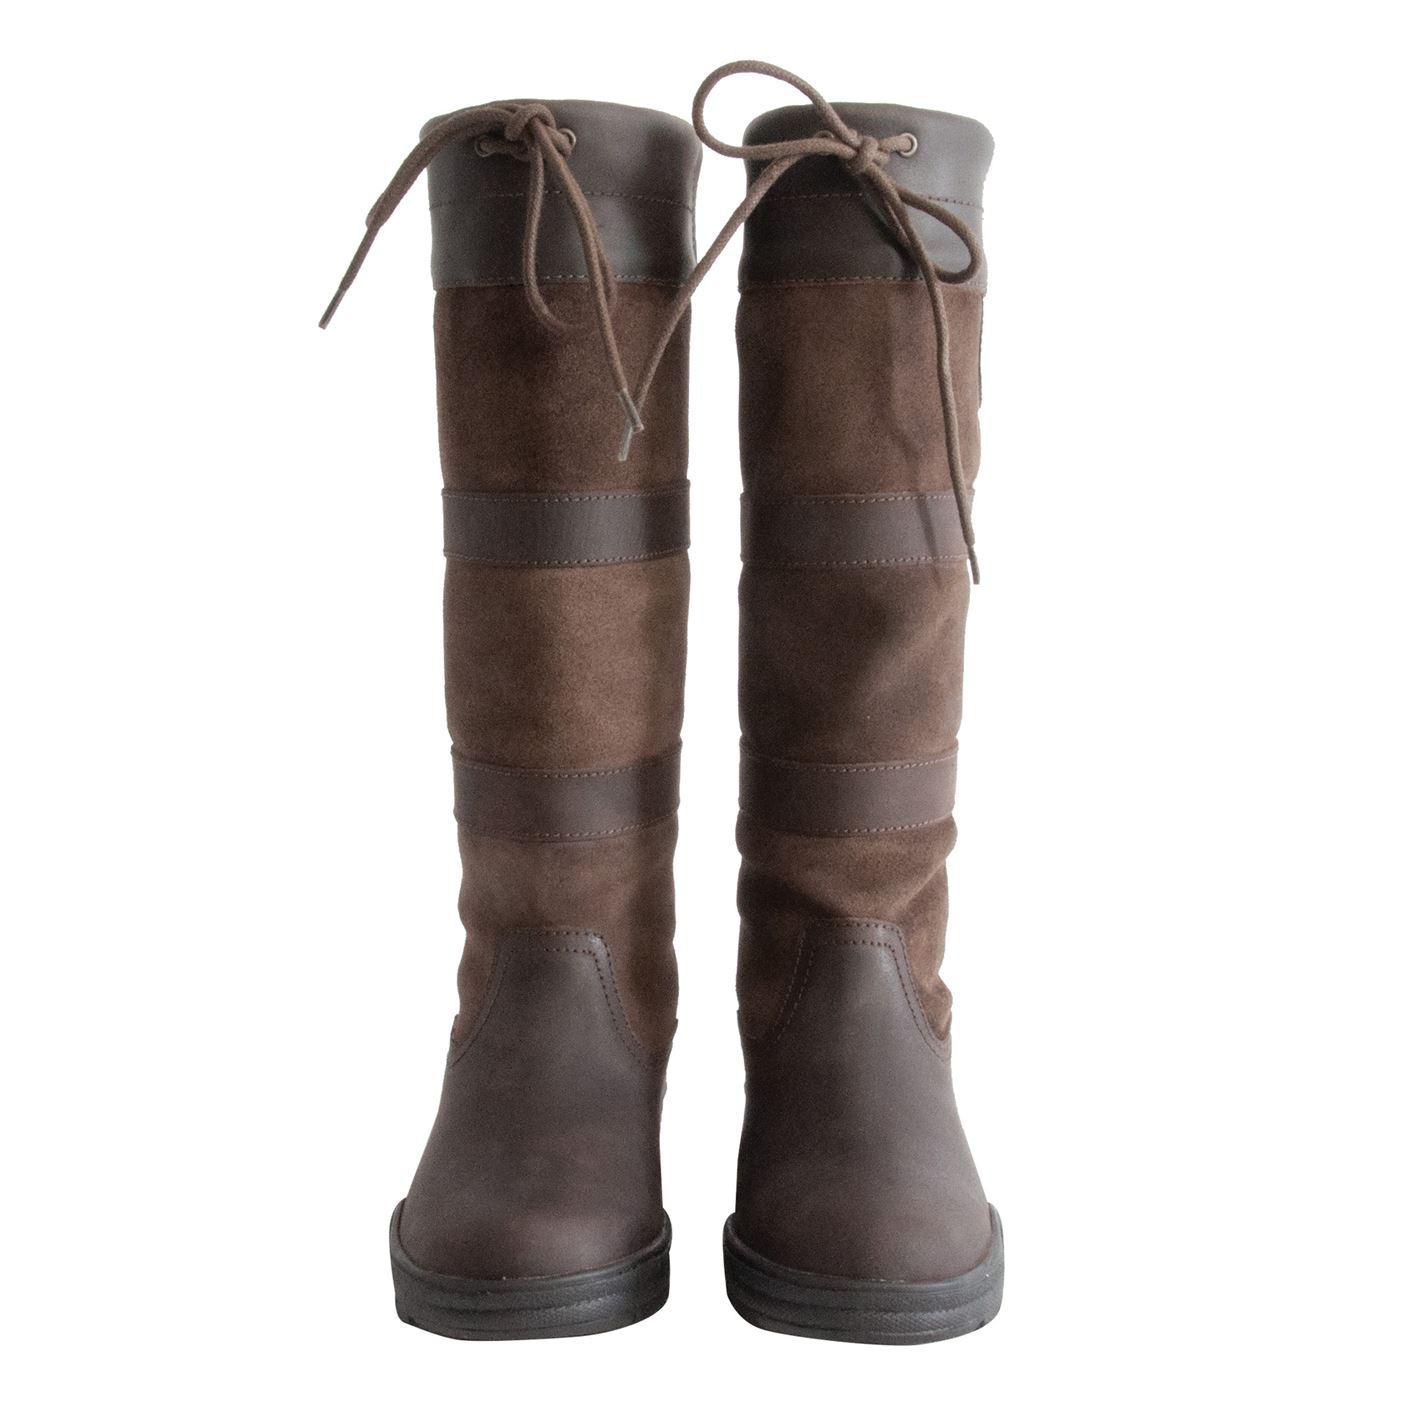 botas de montar a caballo de país necesarias Granger encaje de encaje Granger señoras cb7f35